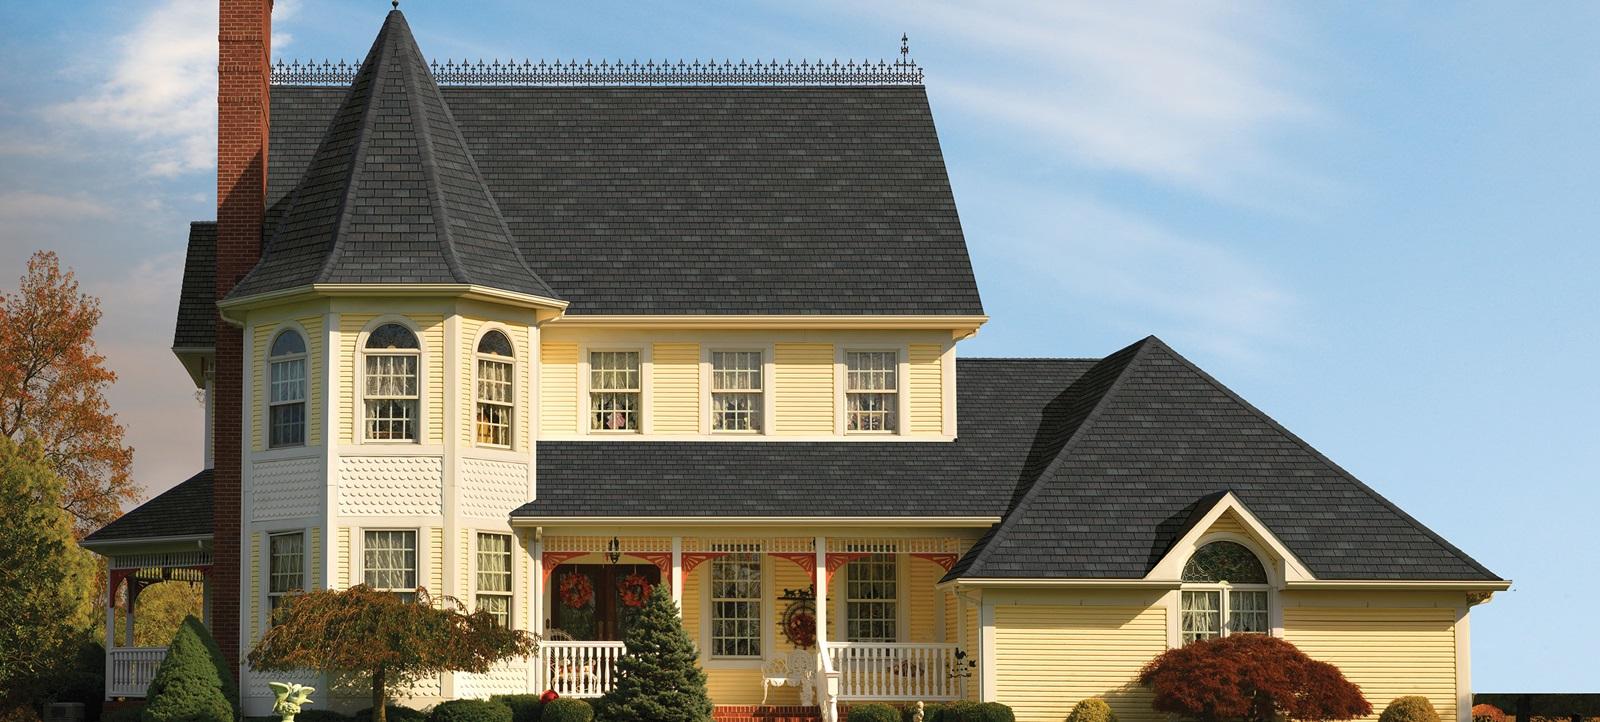 Slateline Roof Shingle Lifetime Designer Roofing Shingles